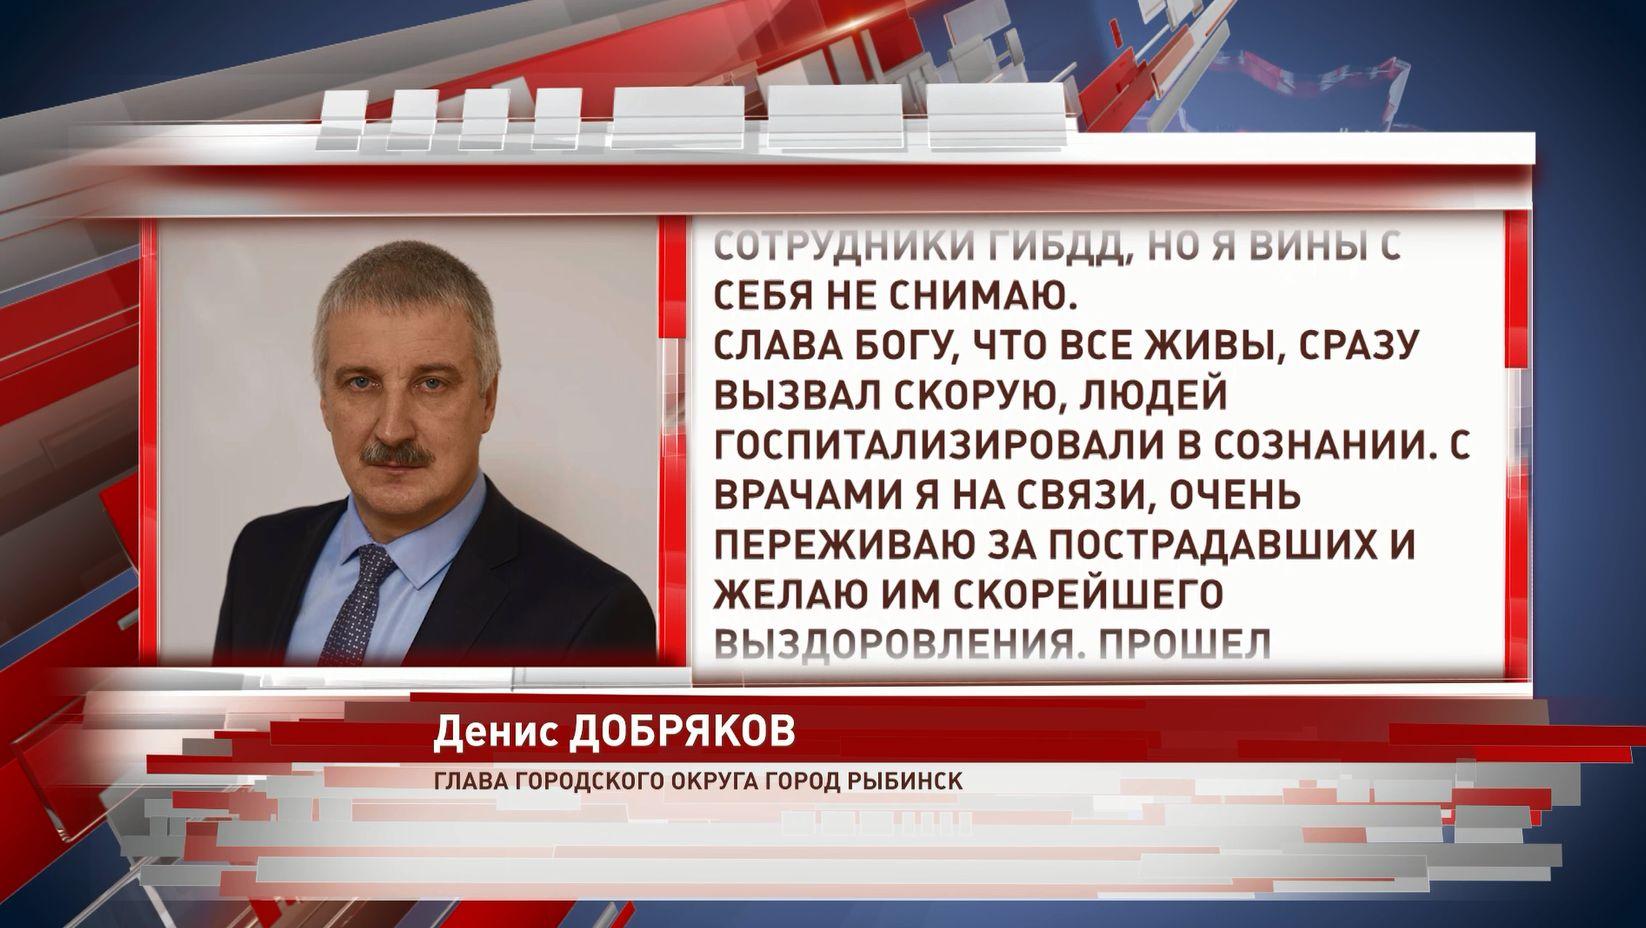 Градоначальник Рыбинска об аварии - вины с себя не снимаю, очень переживаю за пострадавших